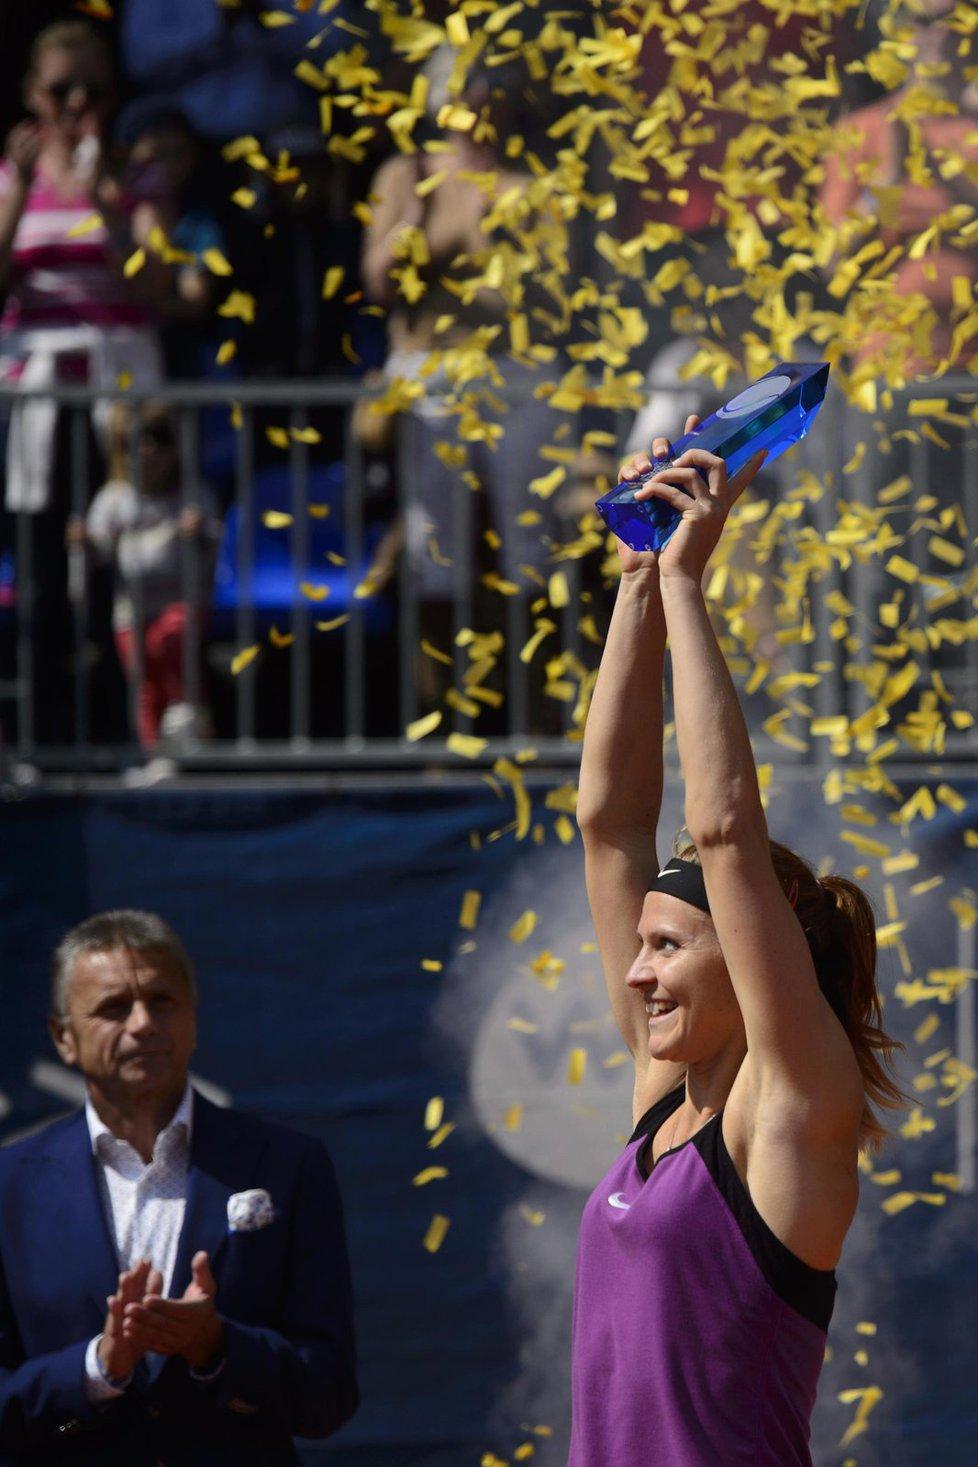 Tenistka Lucie Šafářová porazila ve finále turnaje Prague Open Australanku Samanthu Stosurovou 3:6, 6:1, 6:4 a získala svůj sedmý titul na okruhu WTA